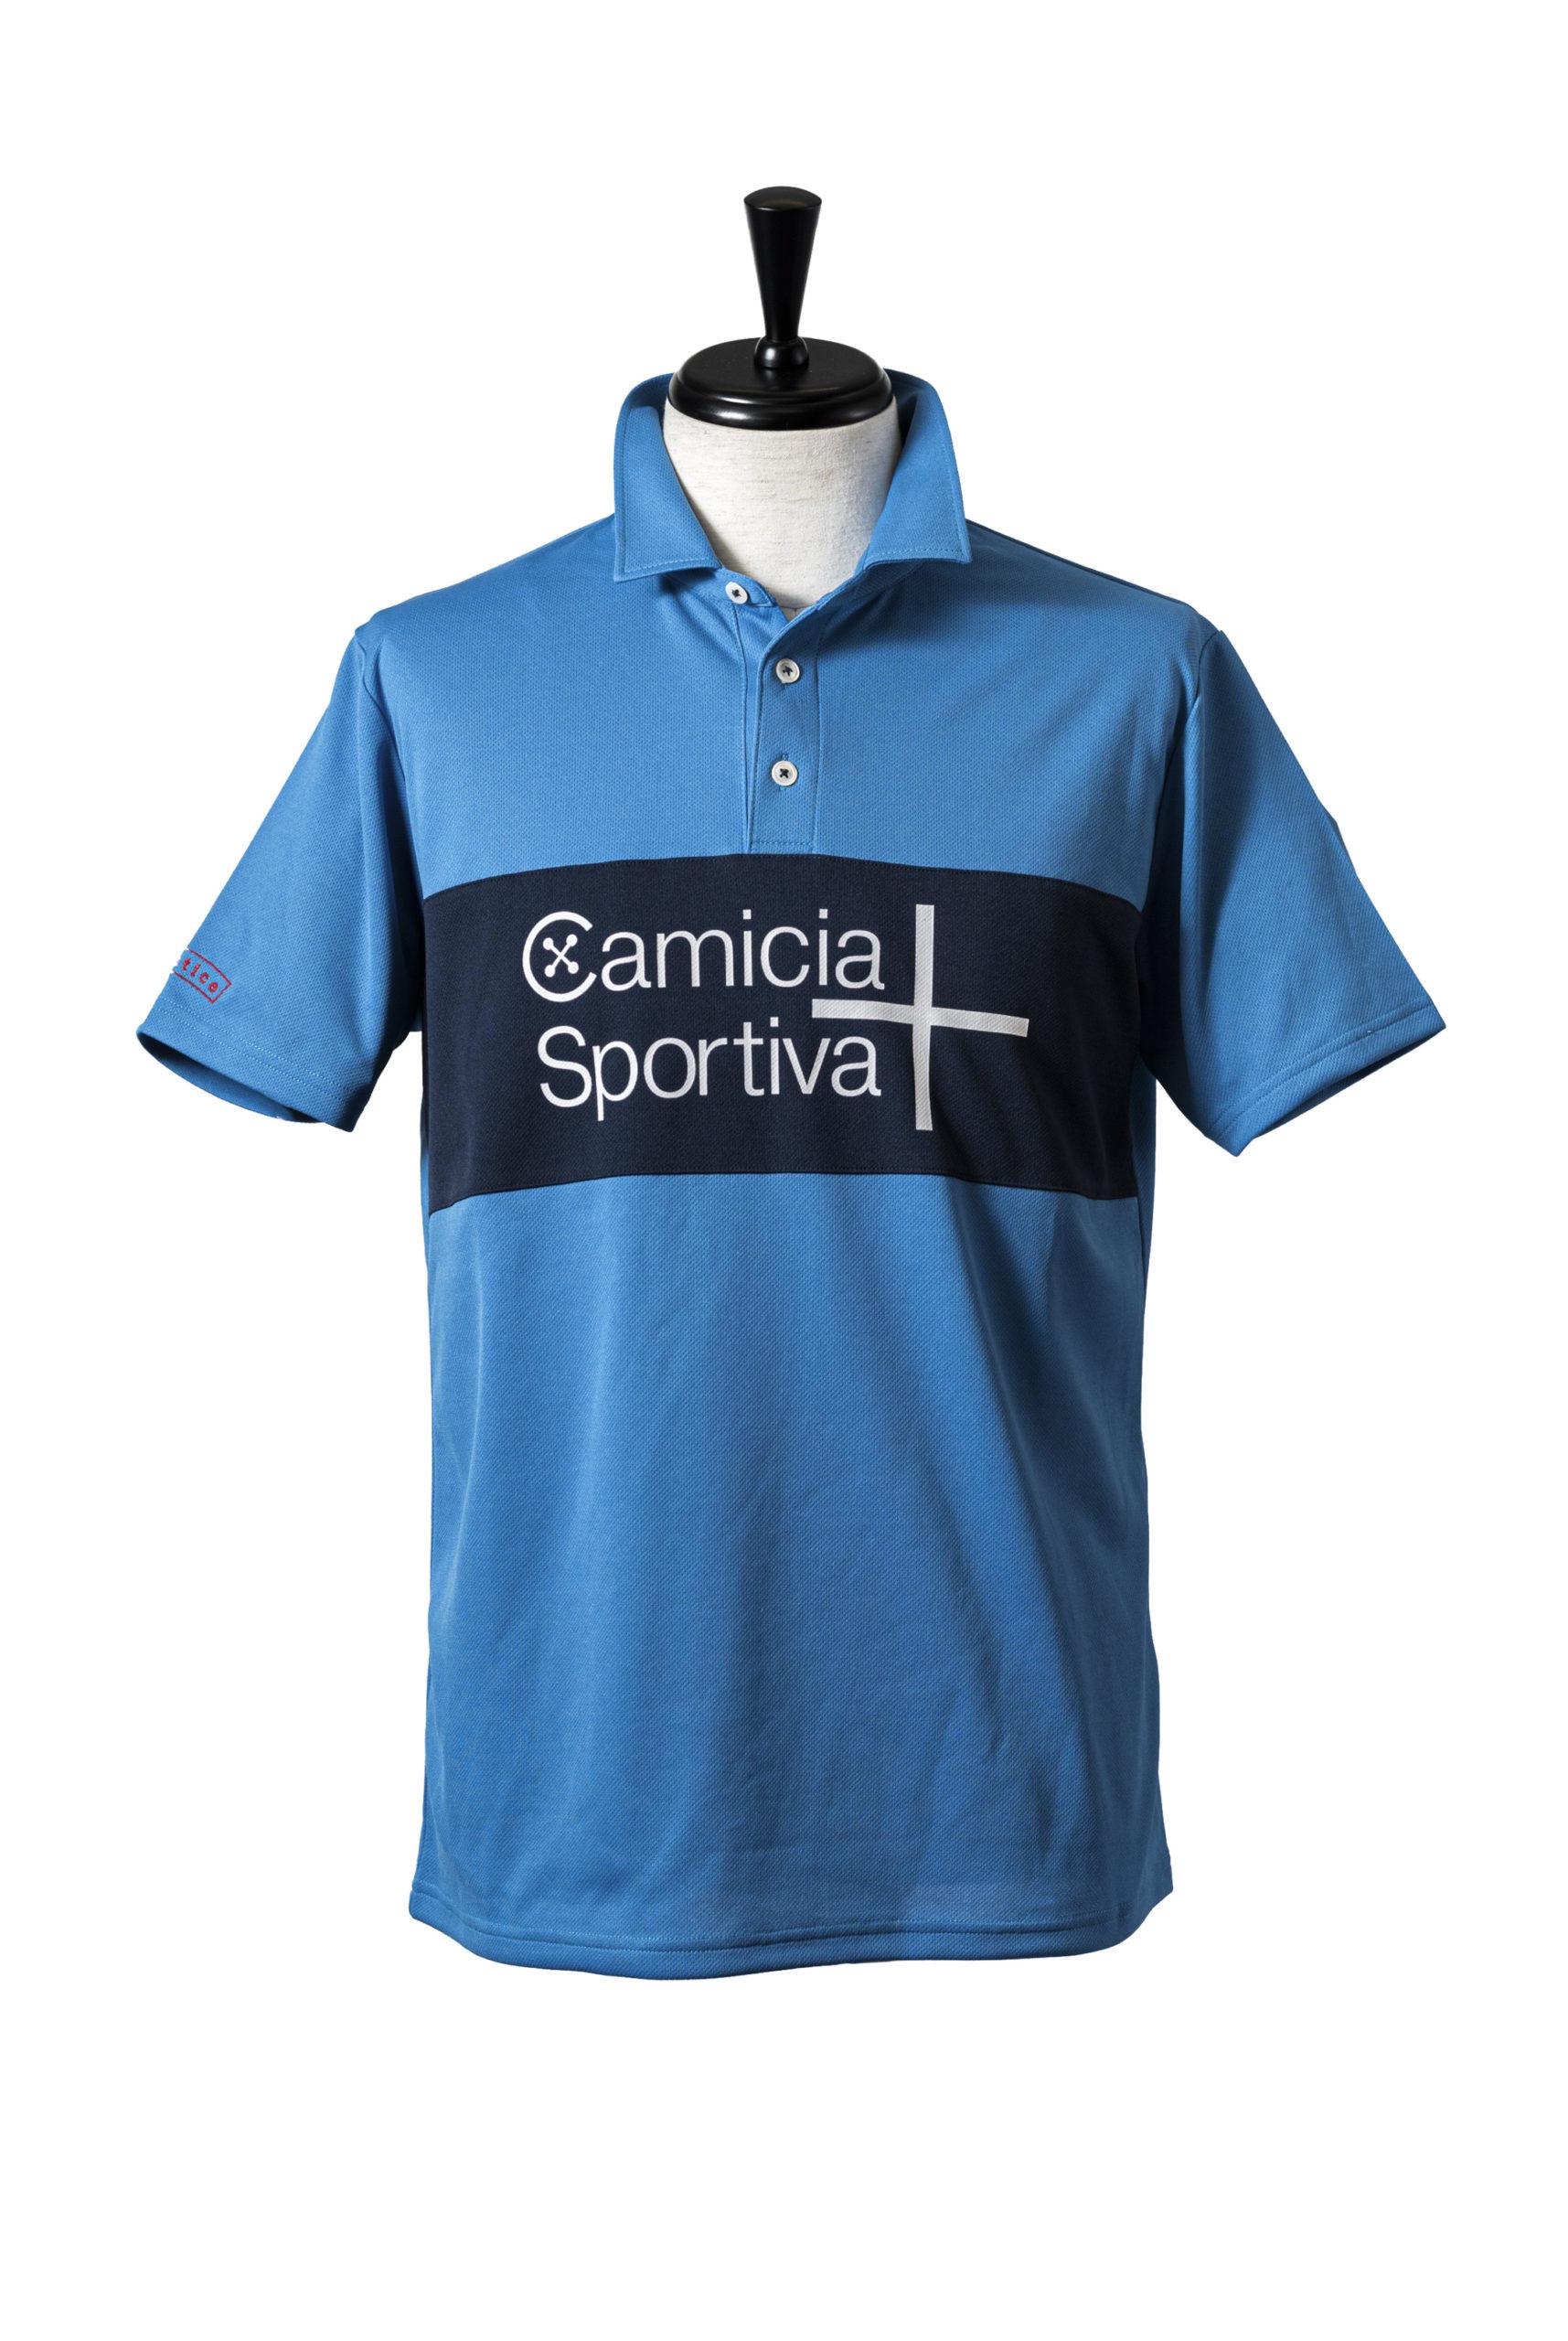 Camicia Sportiva+ image